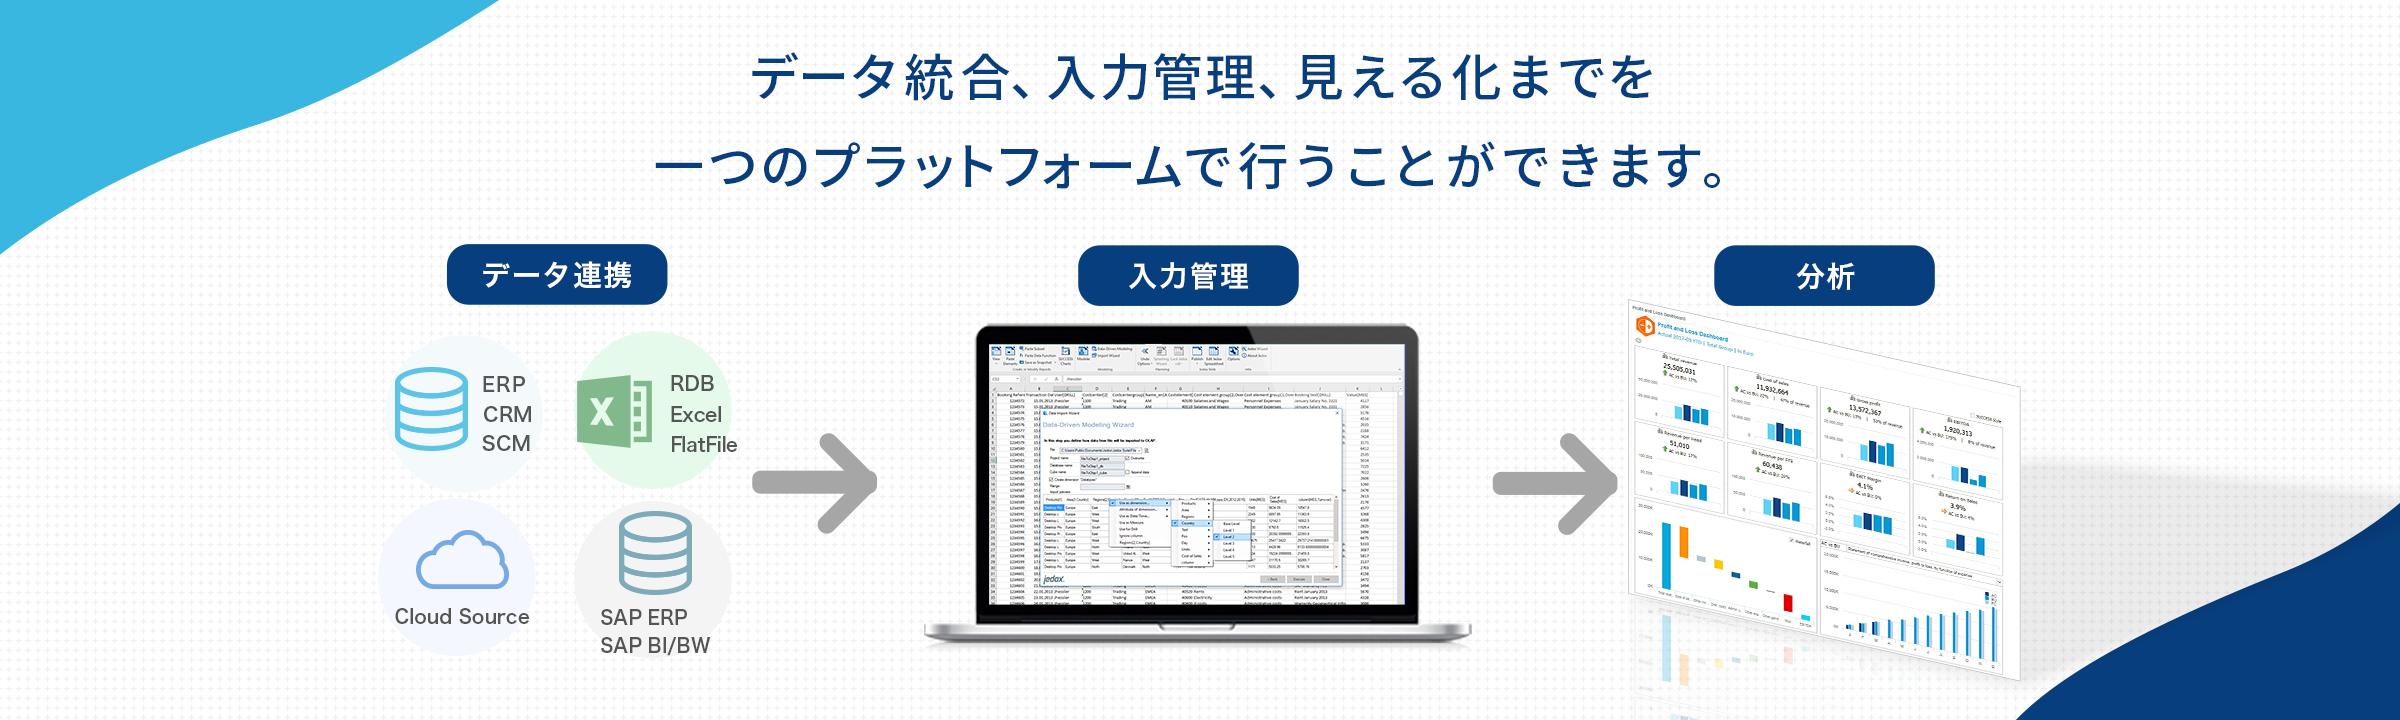 データ統合、入力管理、見える化までを一つのプラットフォームで行うことができます。